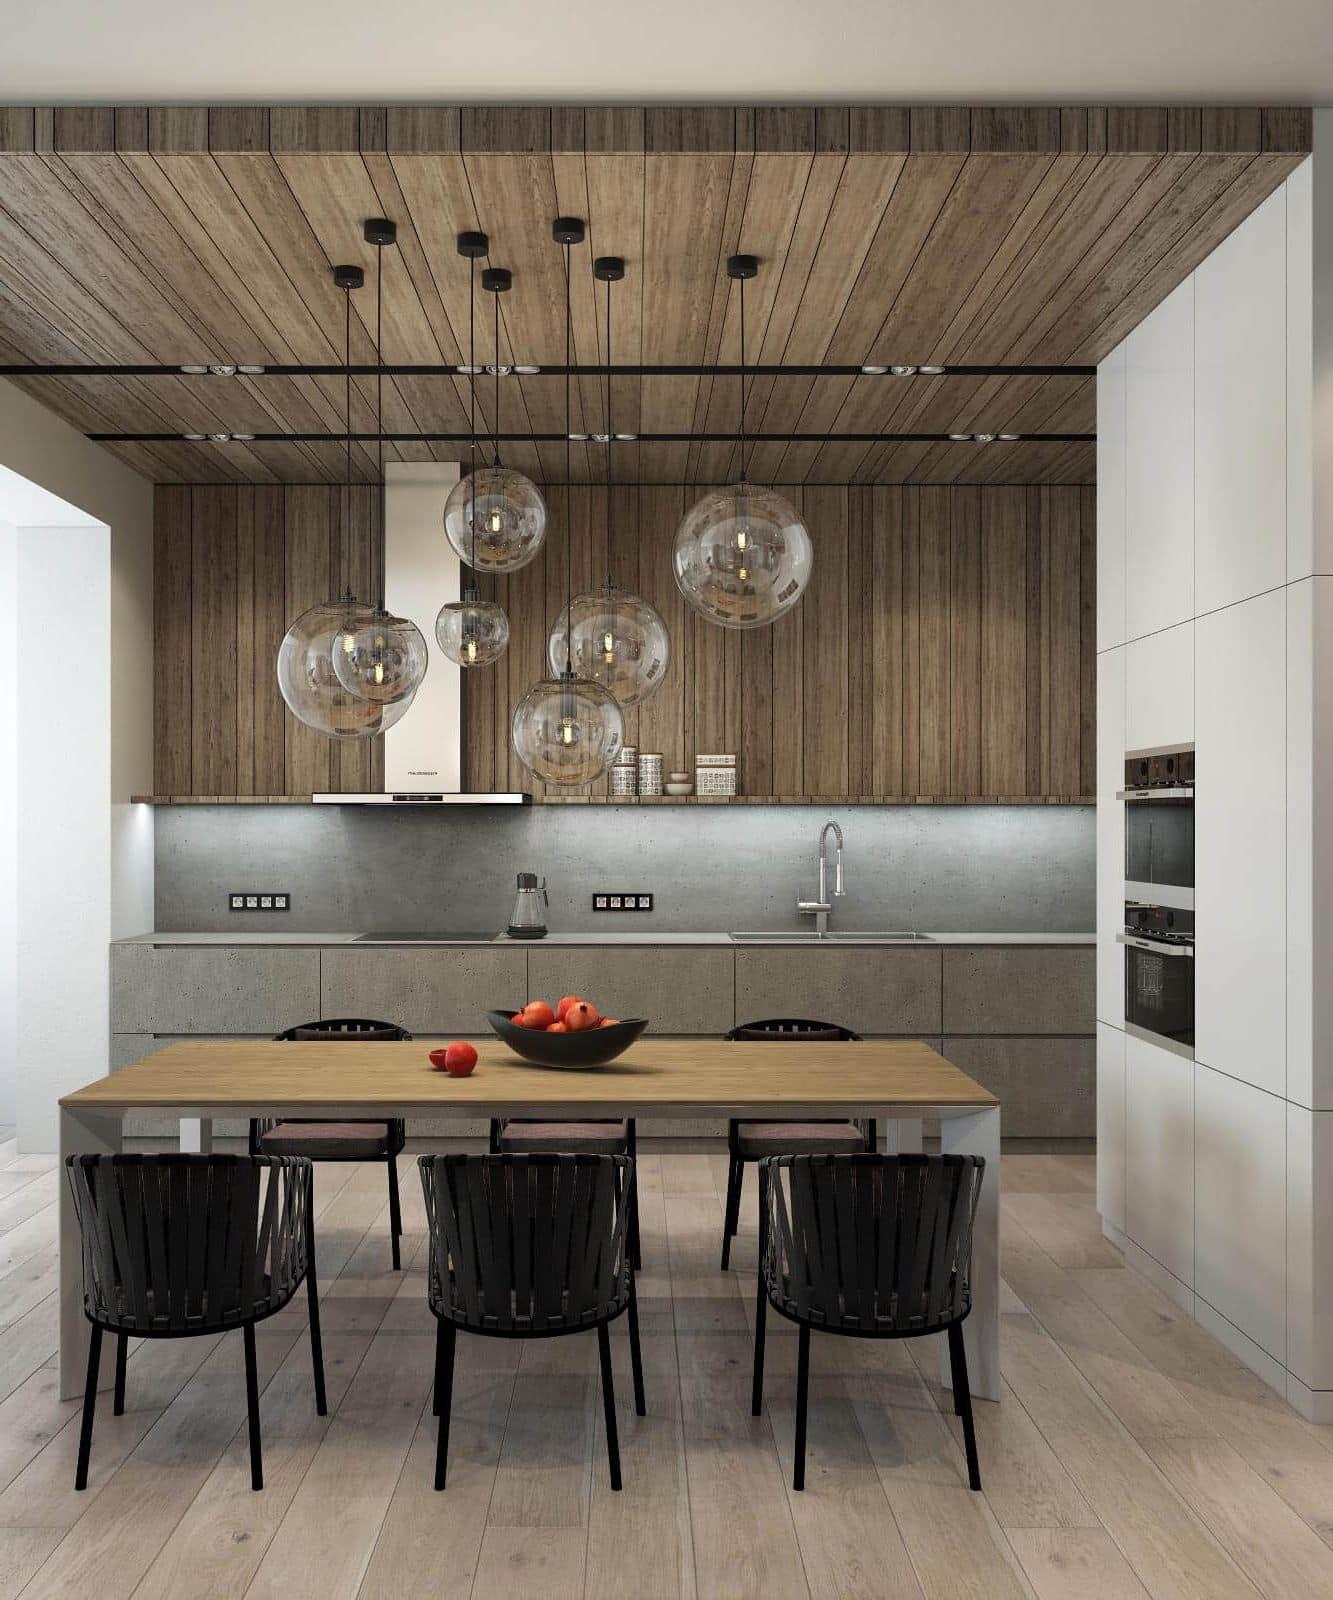 Подвесные светильники из прозрачного стекла добавят легкости в строго оформленное помещение